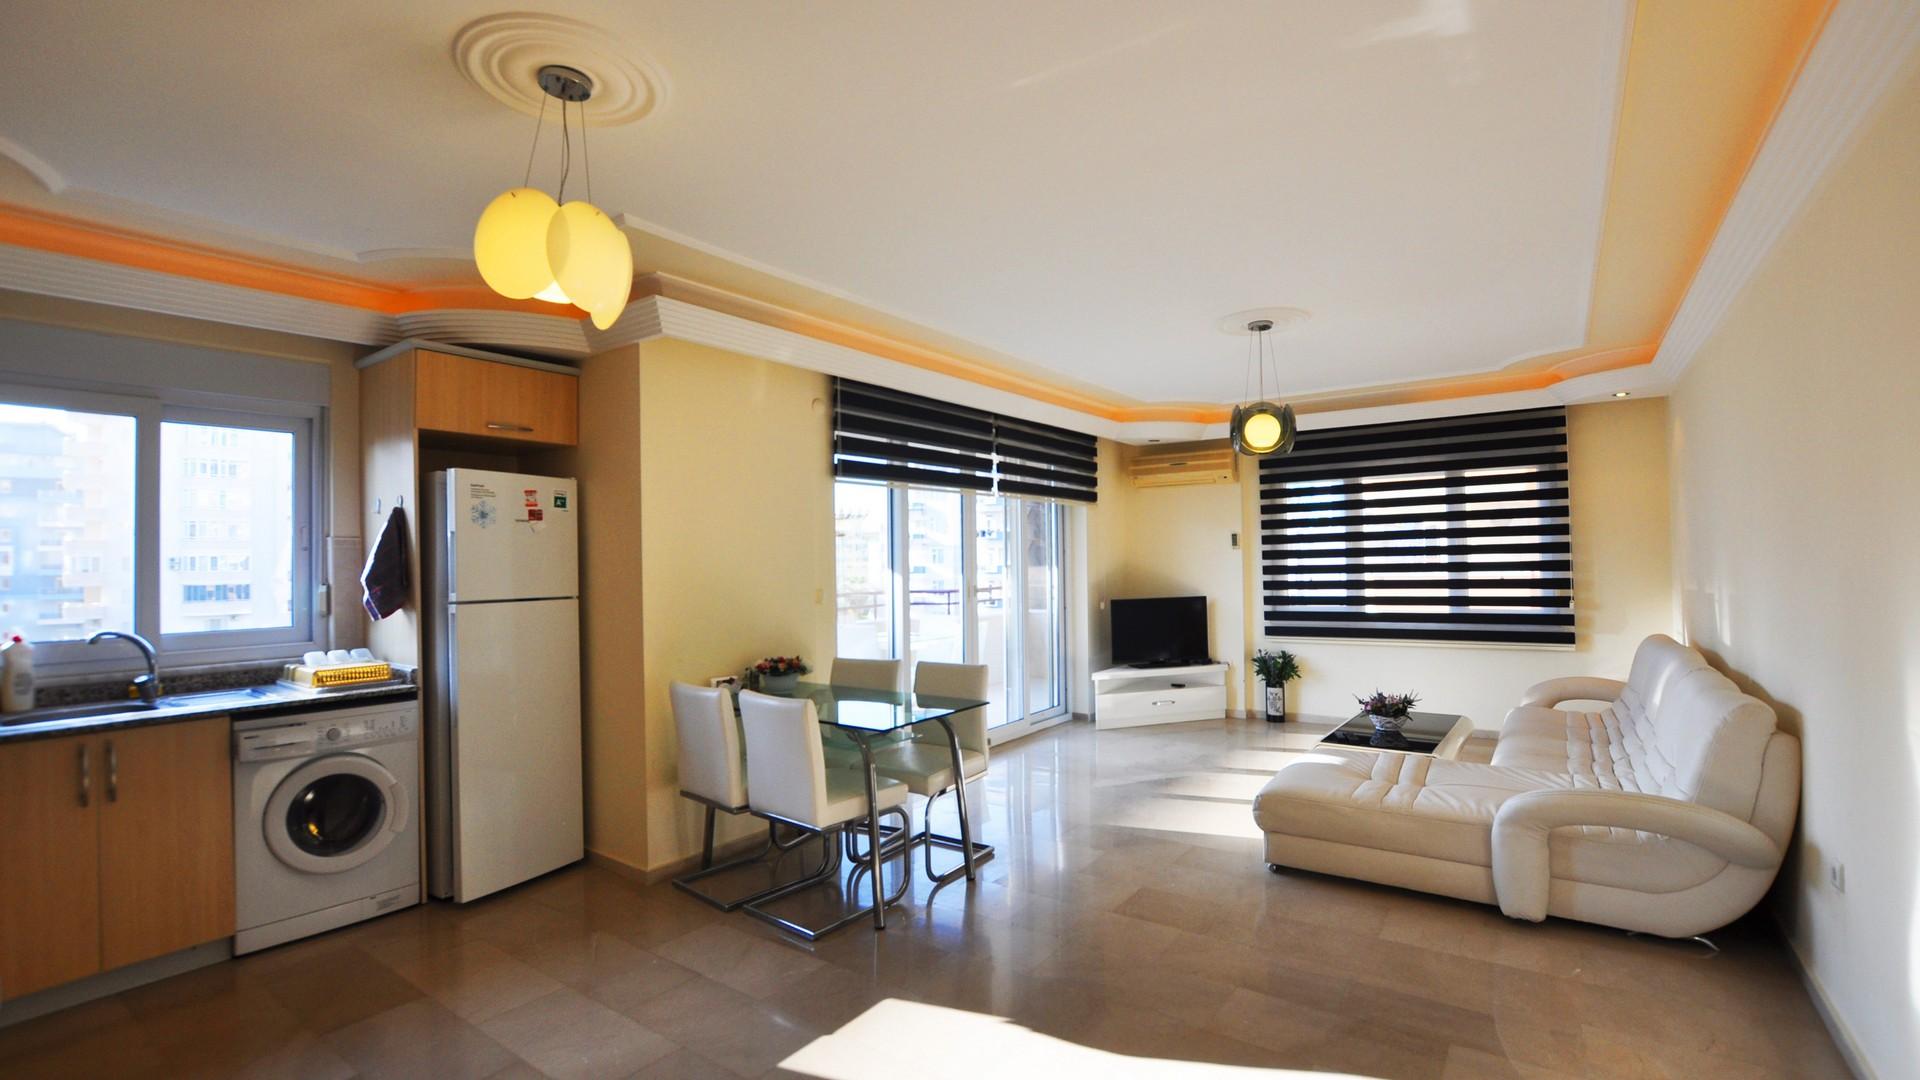 Меблированные апартаменты в Махмутлар - Фото 13